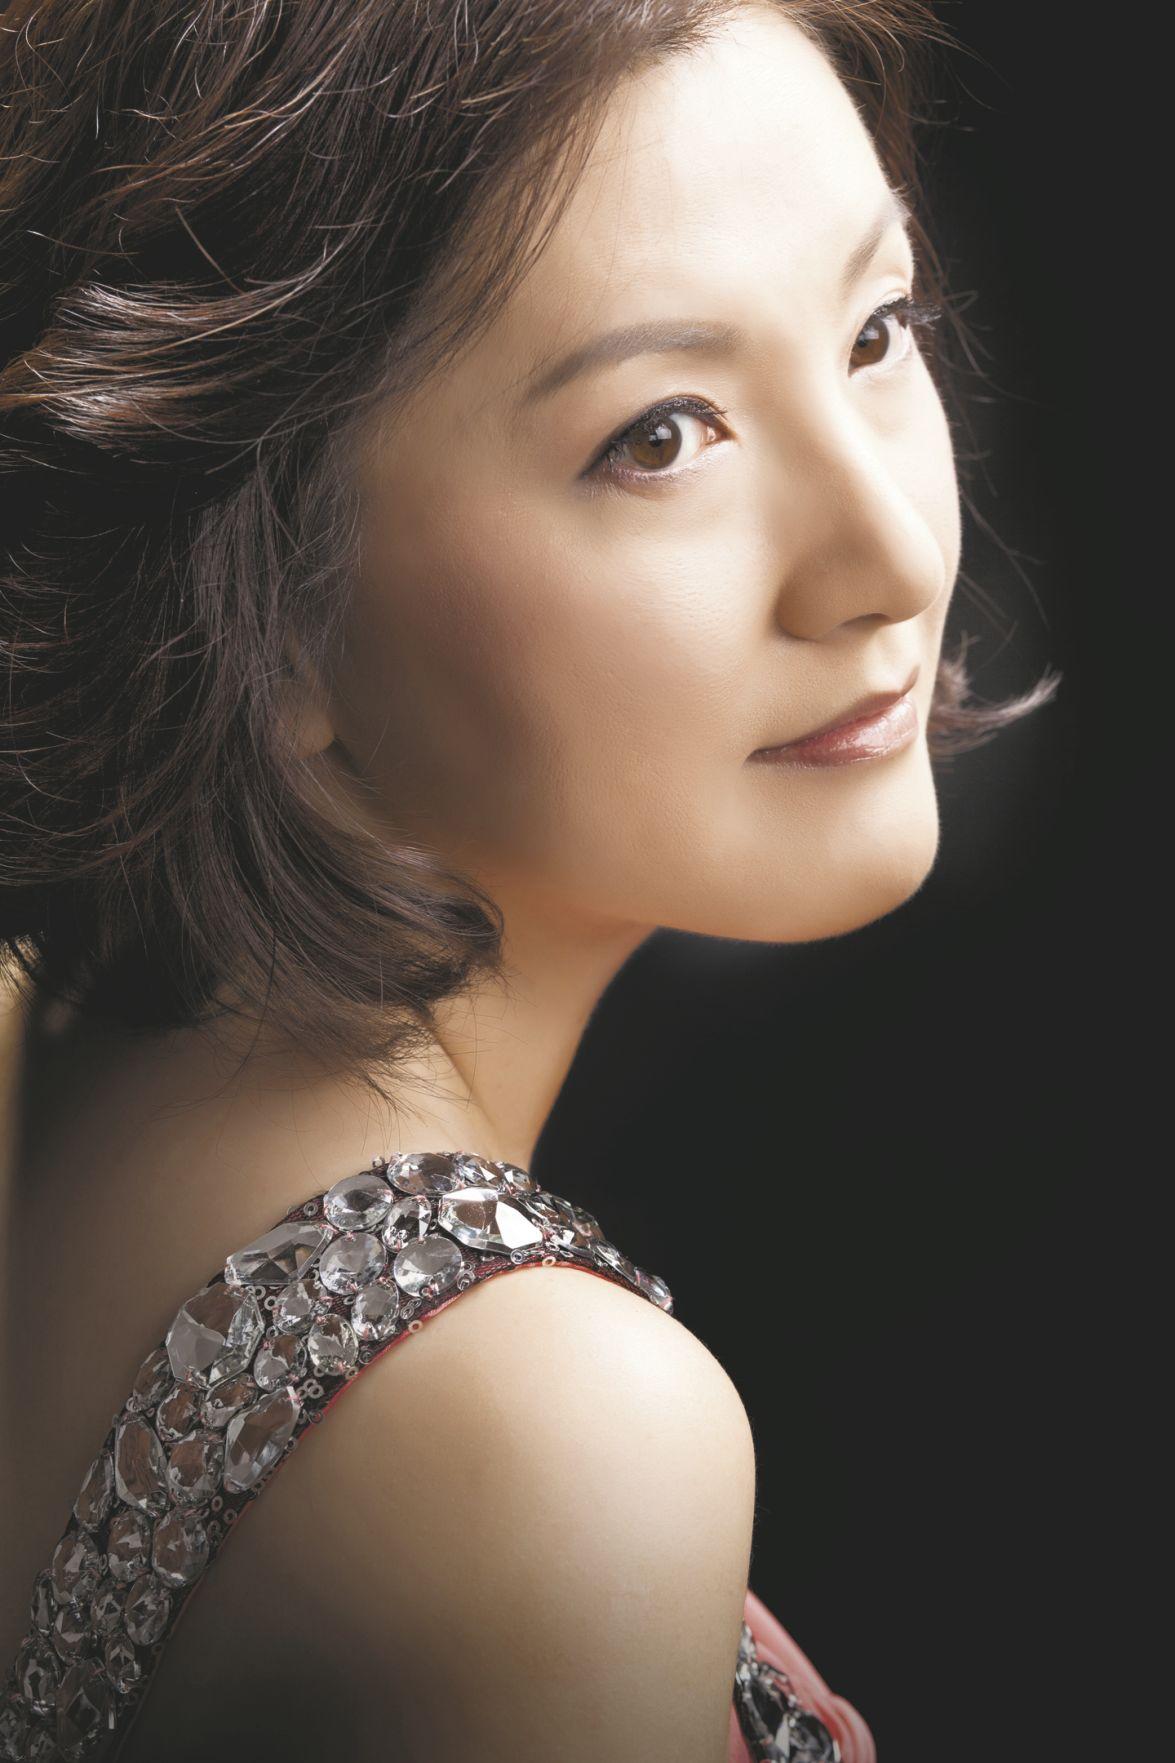 Hyunjung Rachel Chung